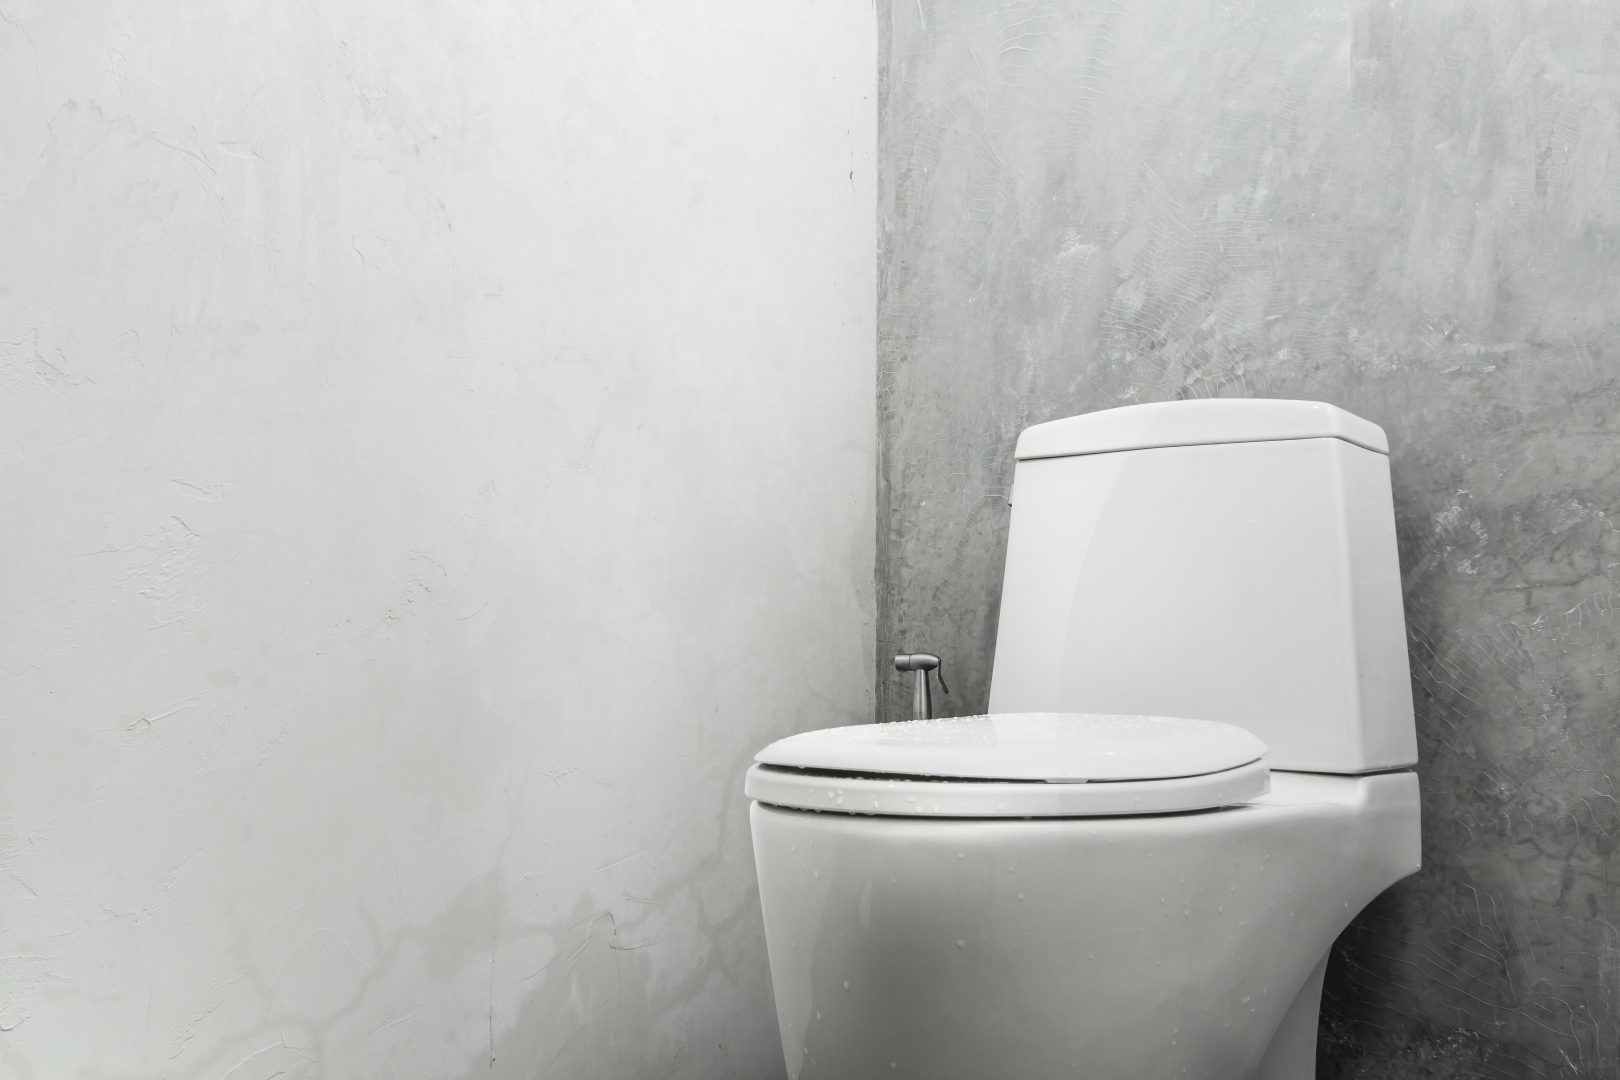 Peut-on effectuer une rénovation de salle de bain sans tout casser?